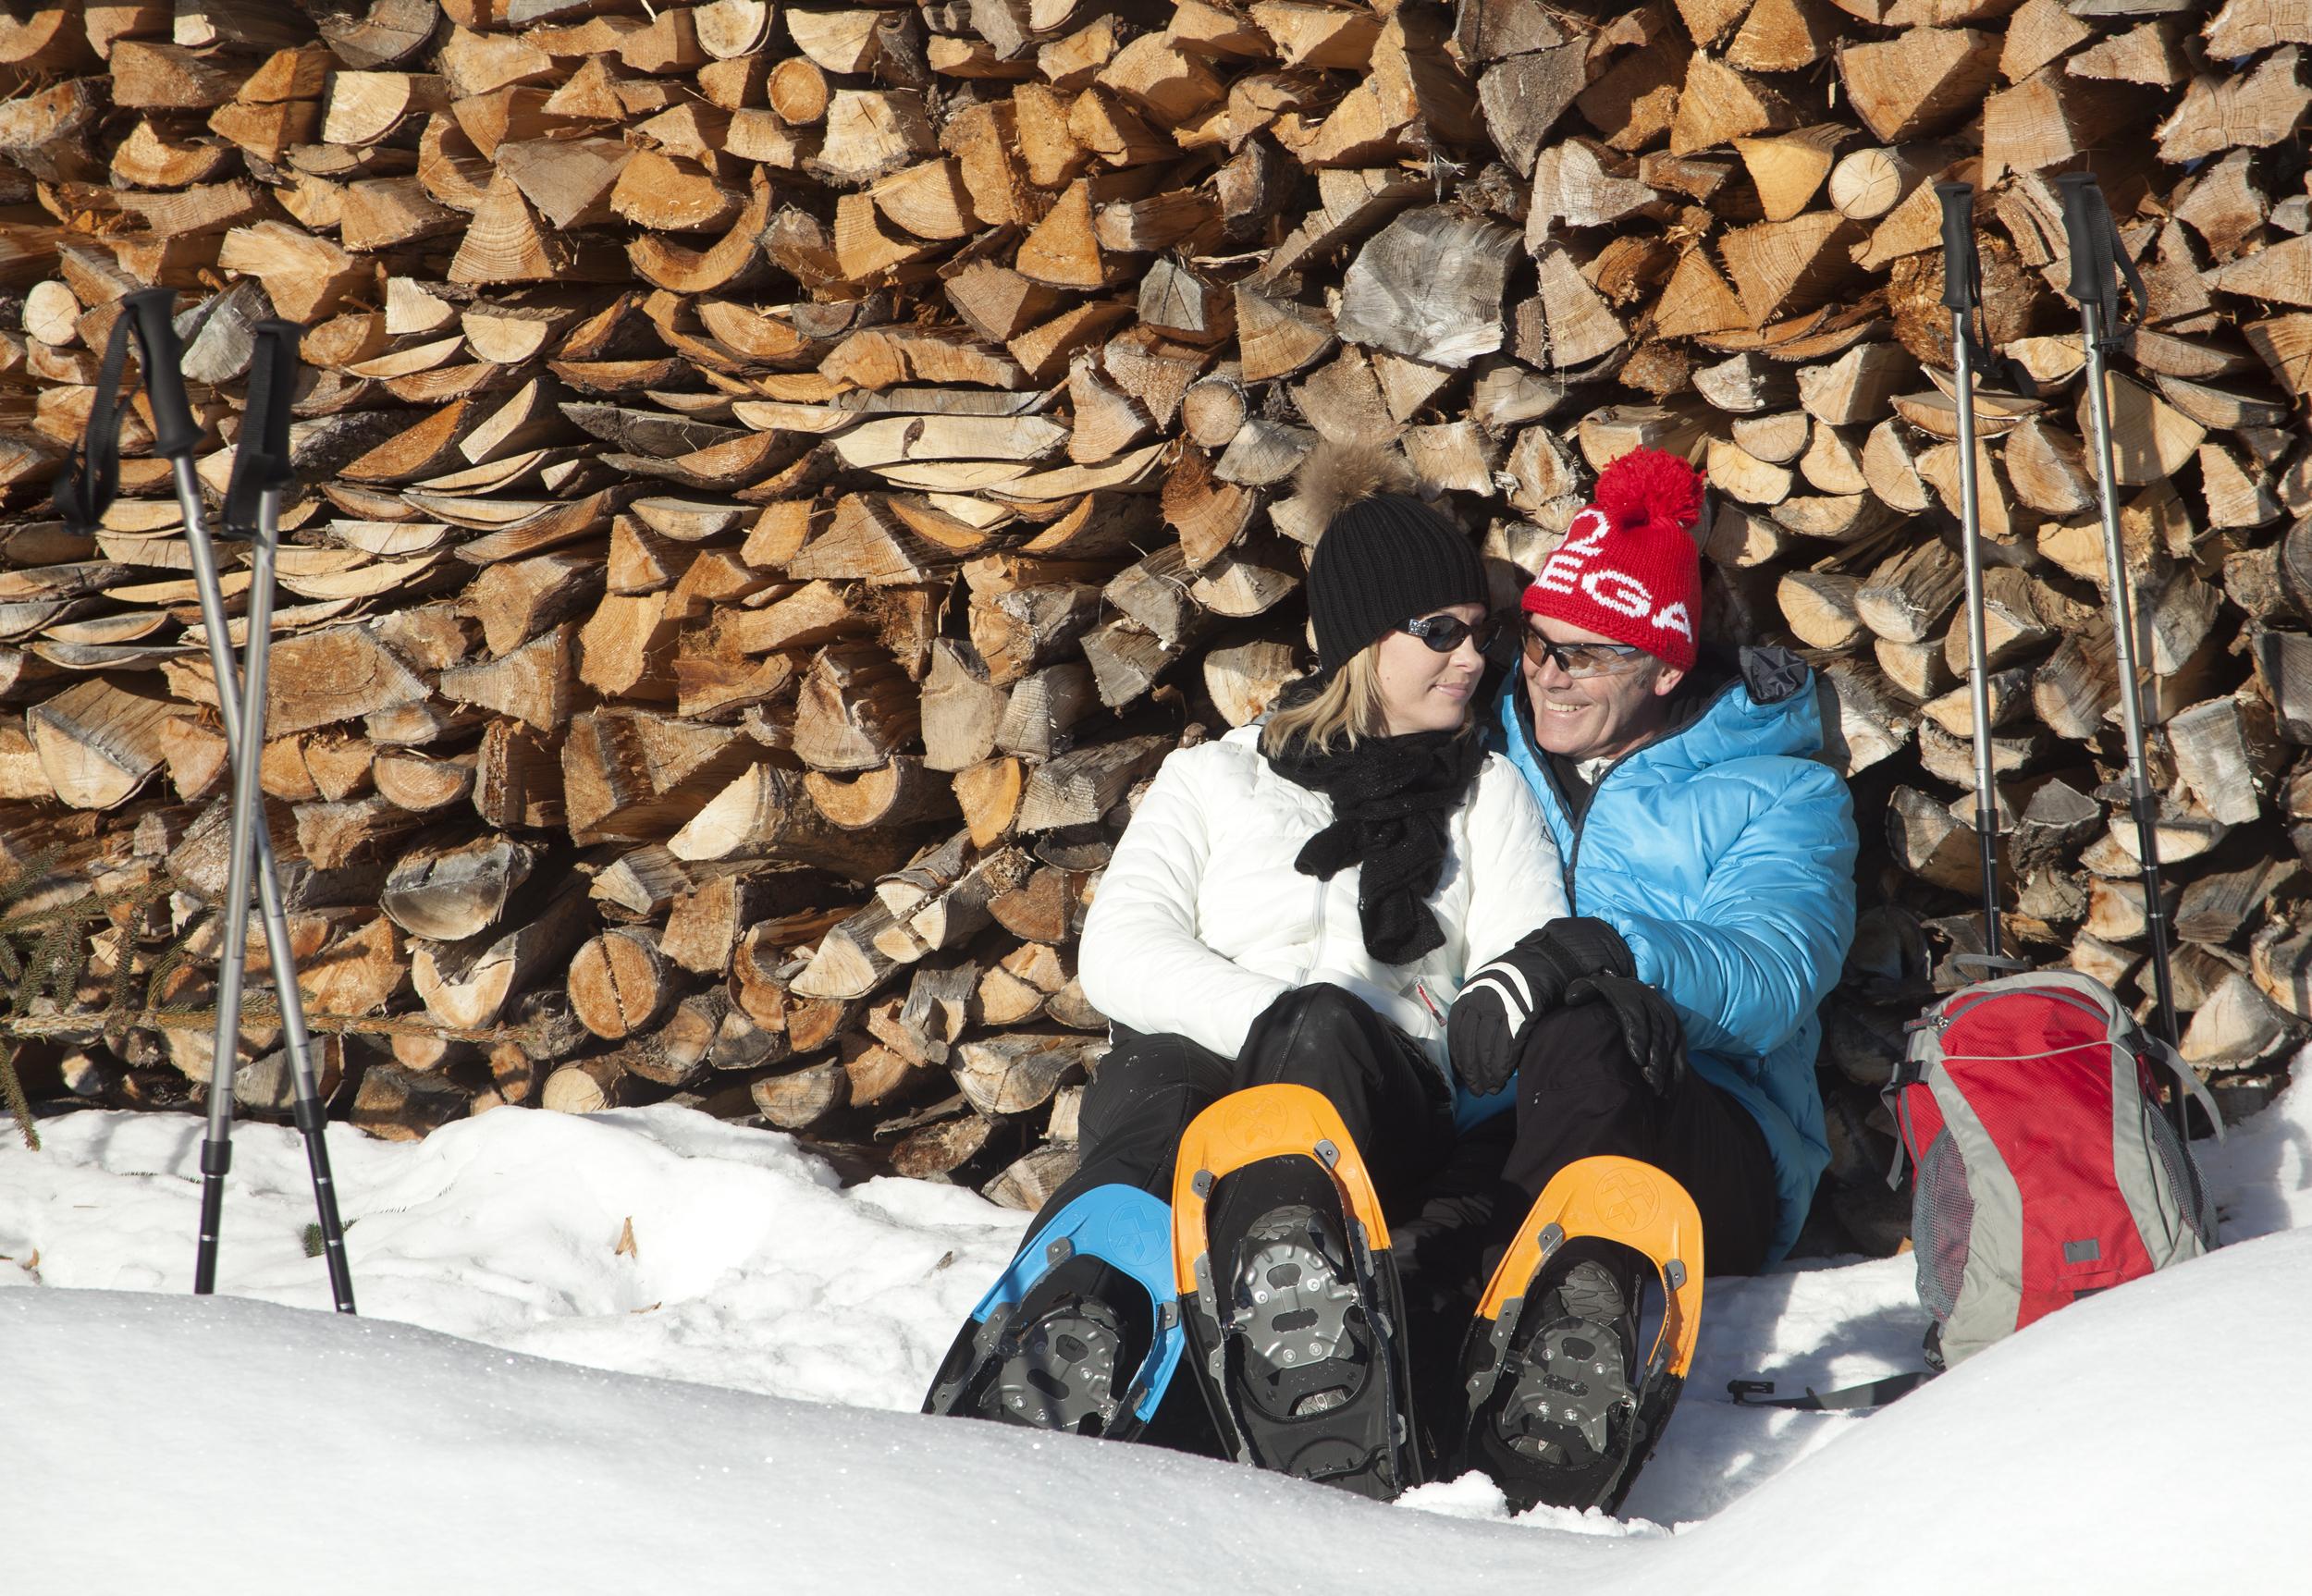 Zahlreiche Angebot zum sanften Winter warten